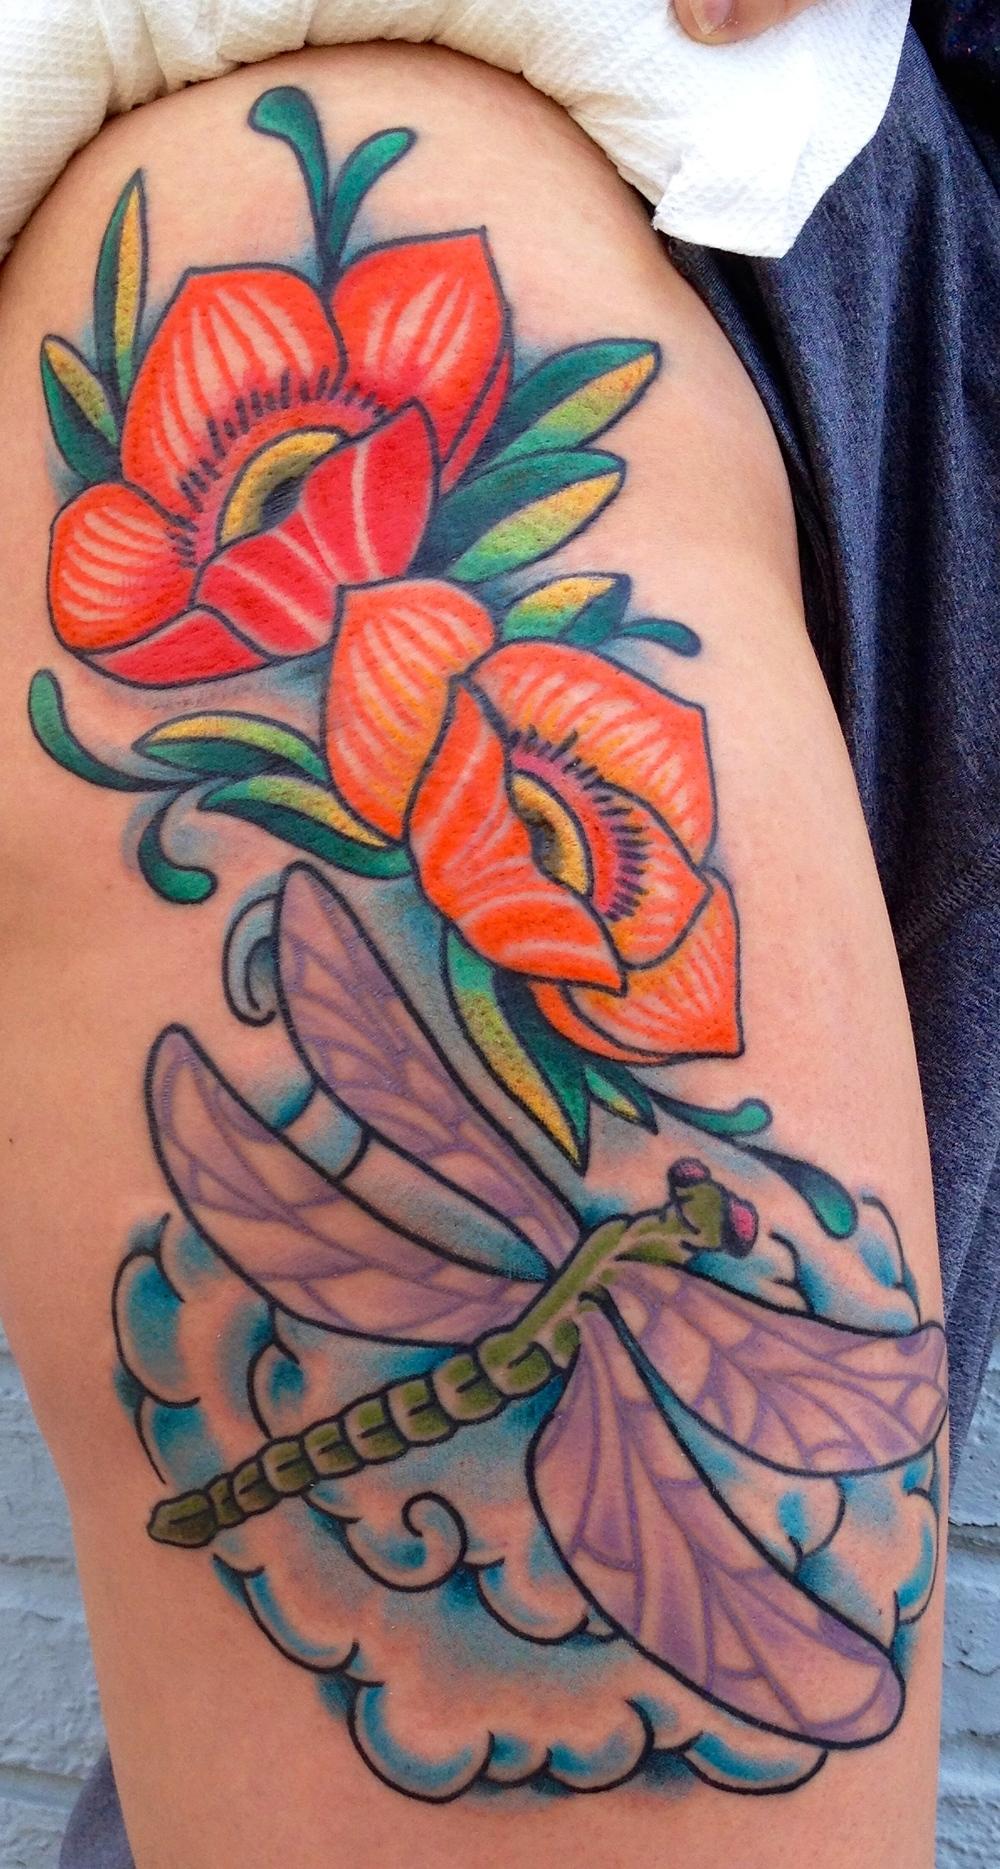 Jae portfolio electric lotus tattoo beautiful flower tattoos bright color tattooingnbspelectric lotus tattoo fort greene brooklyn izmirmasajfo